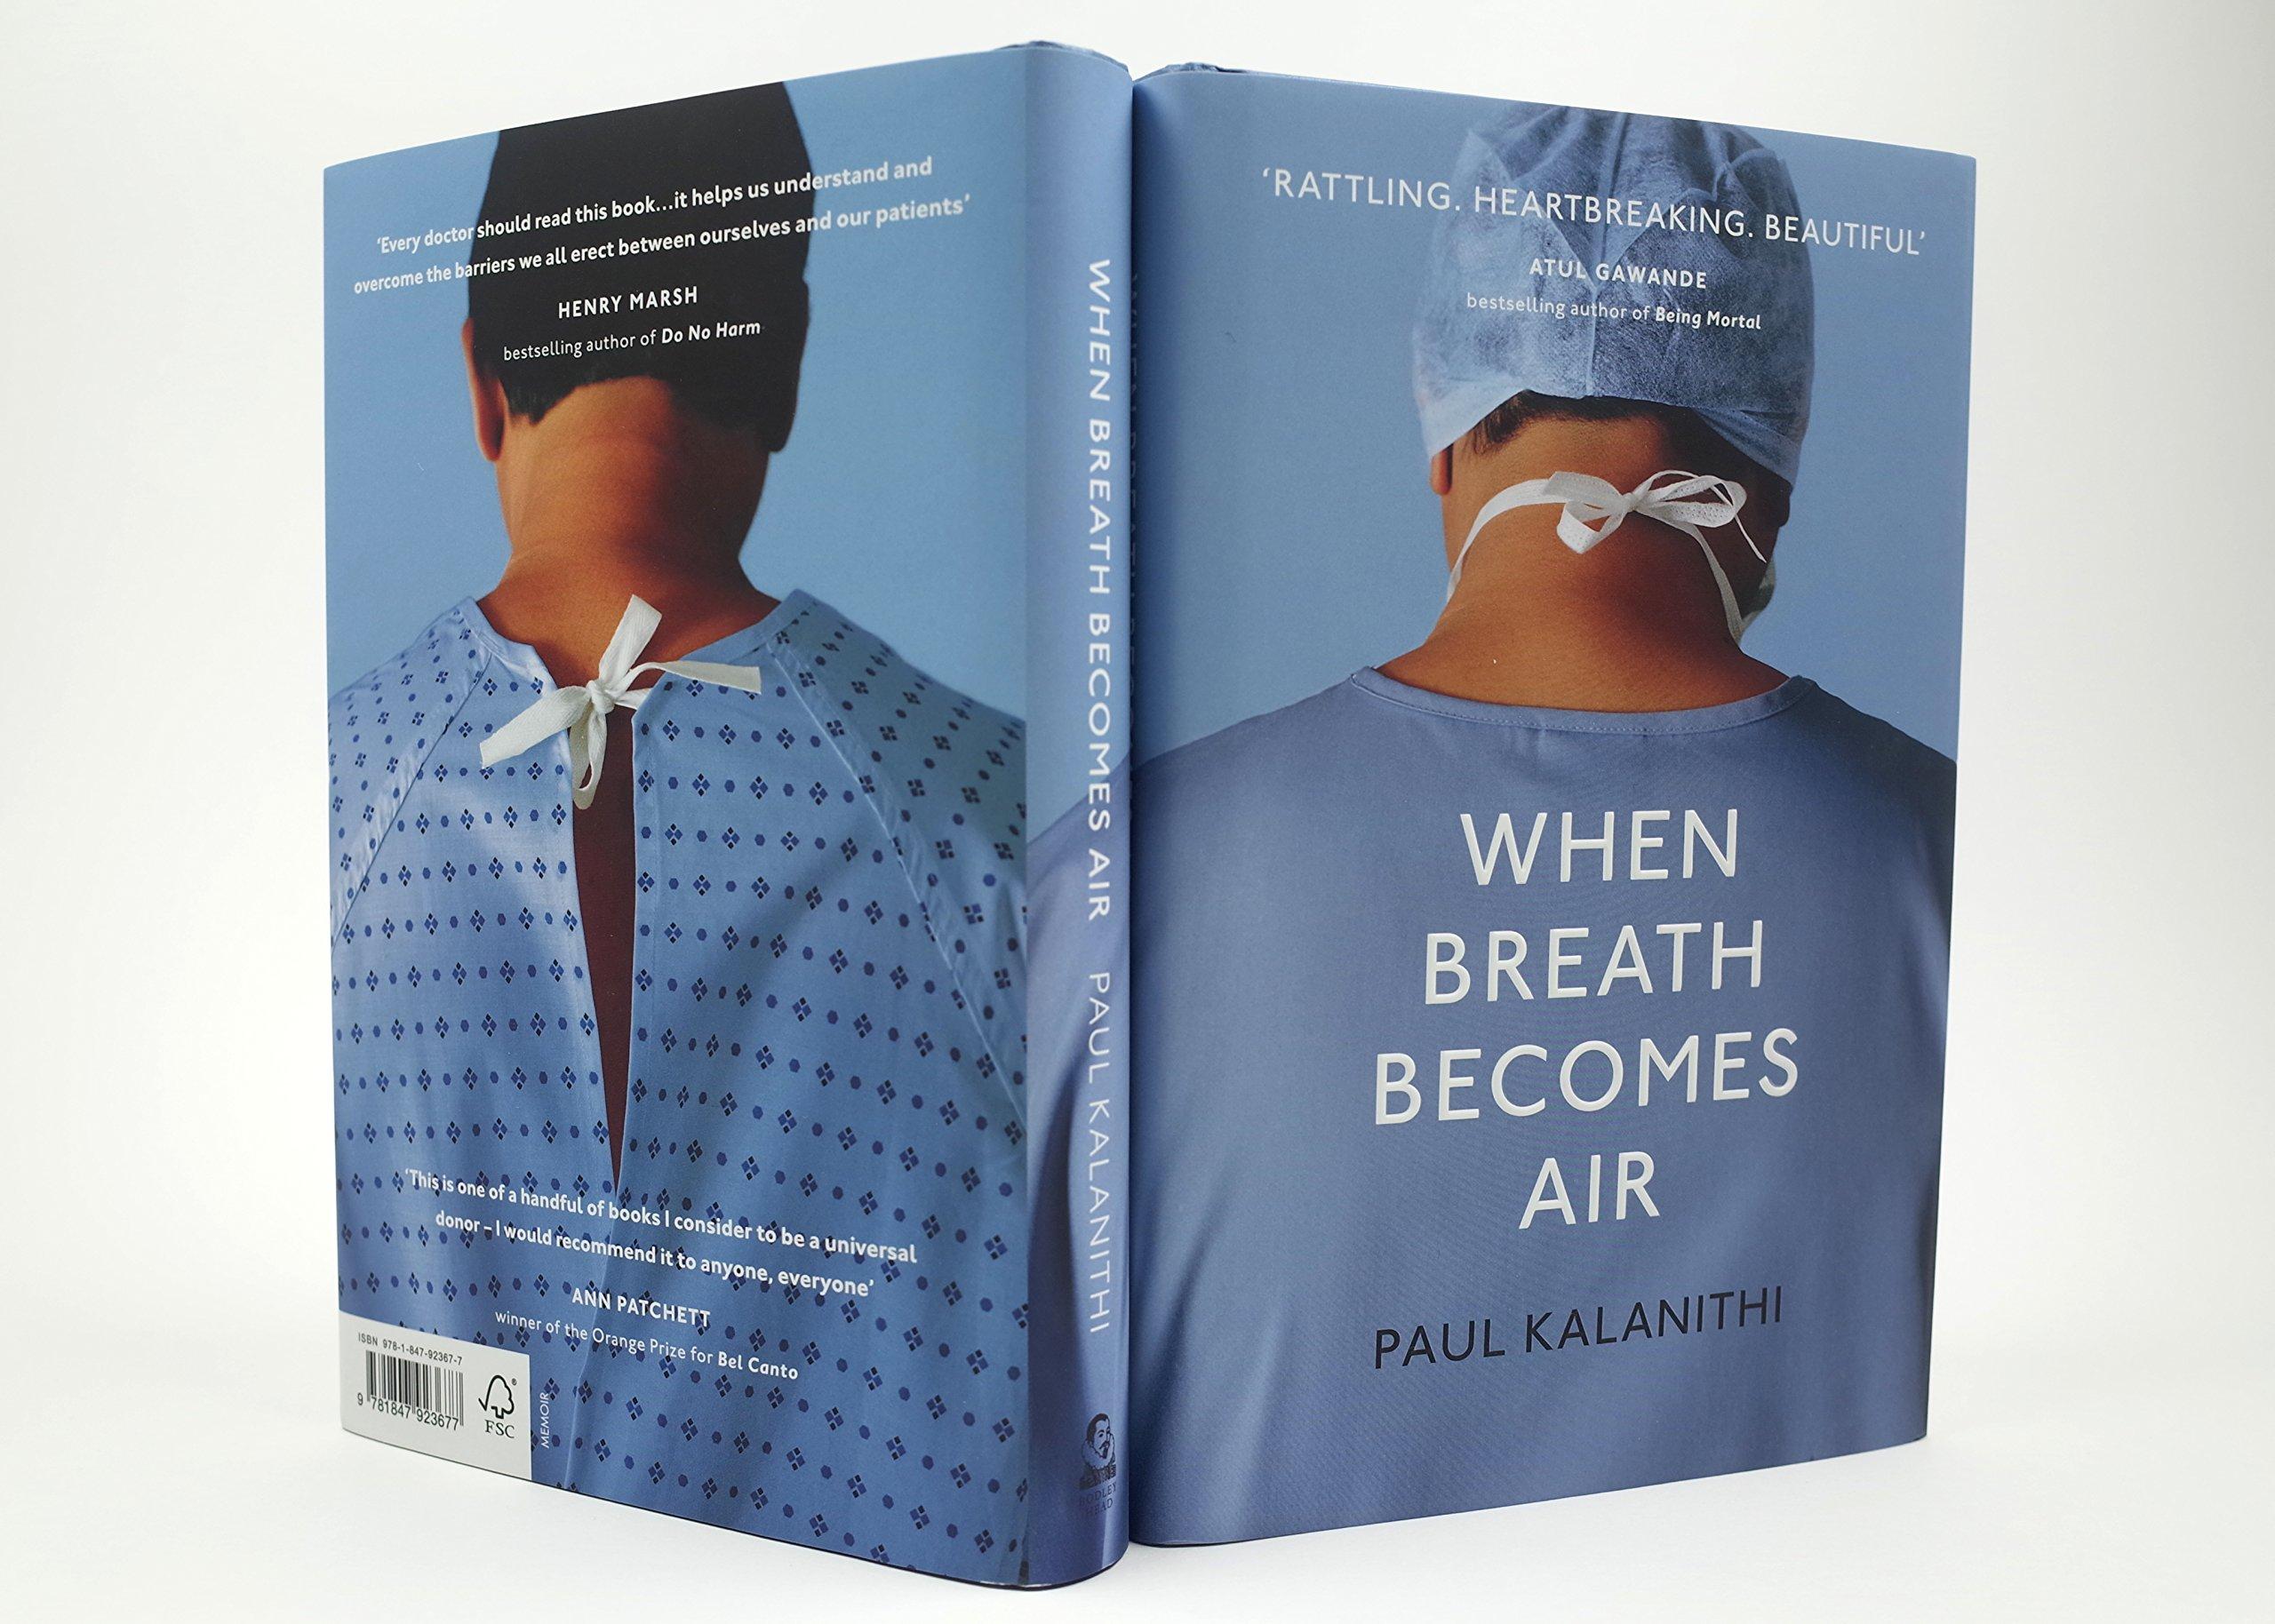 کتاب صوتی آن هنگام که نفس هوا میشود از پال کالانیتی گوینده رضا عبدلی